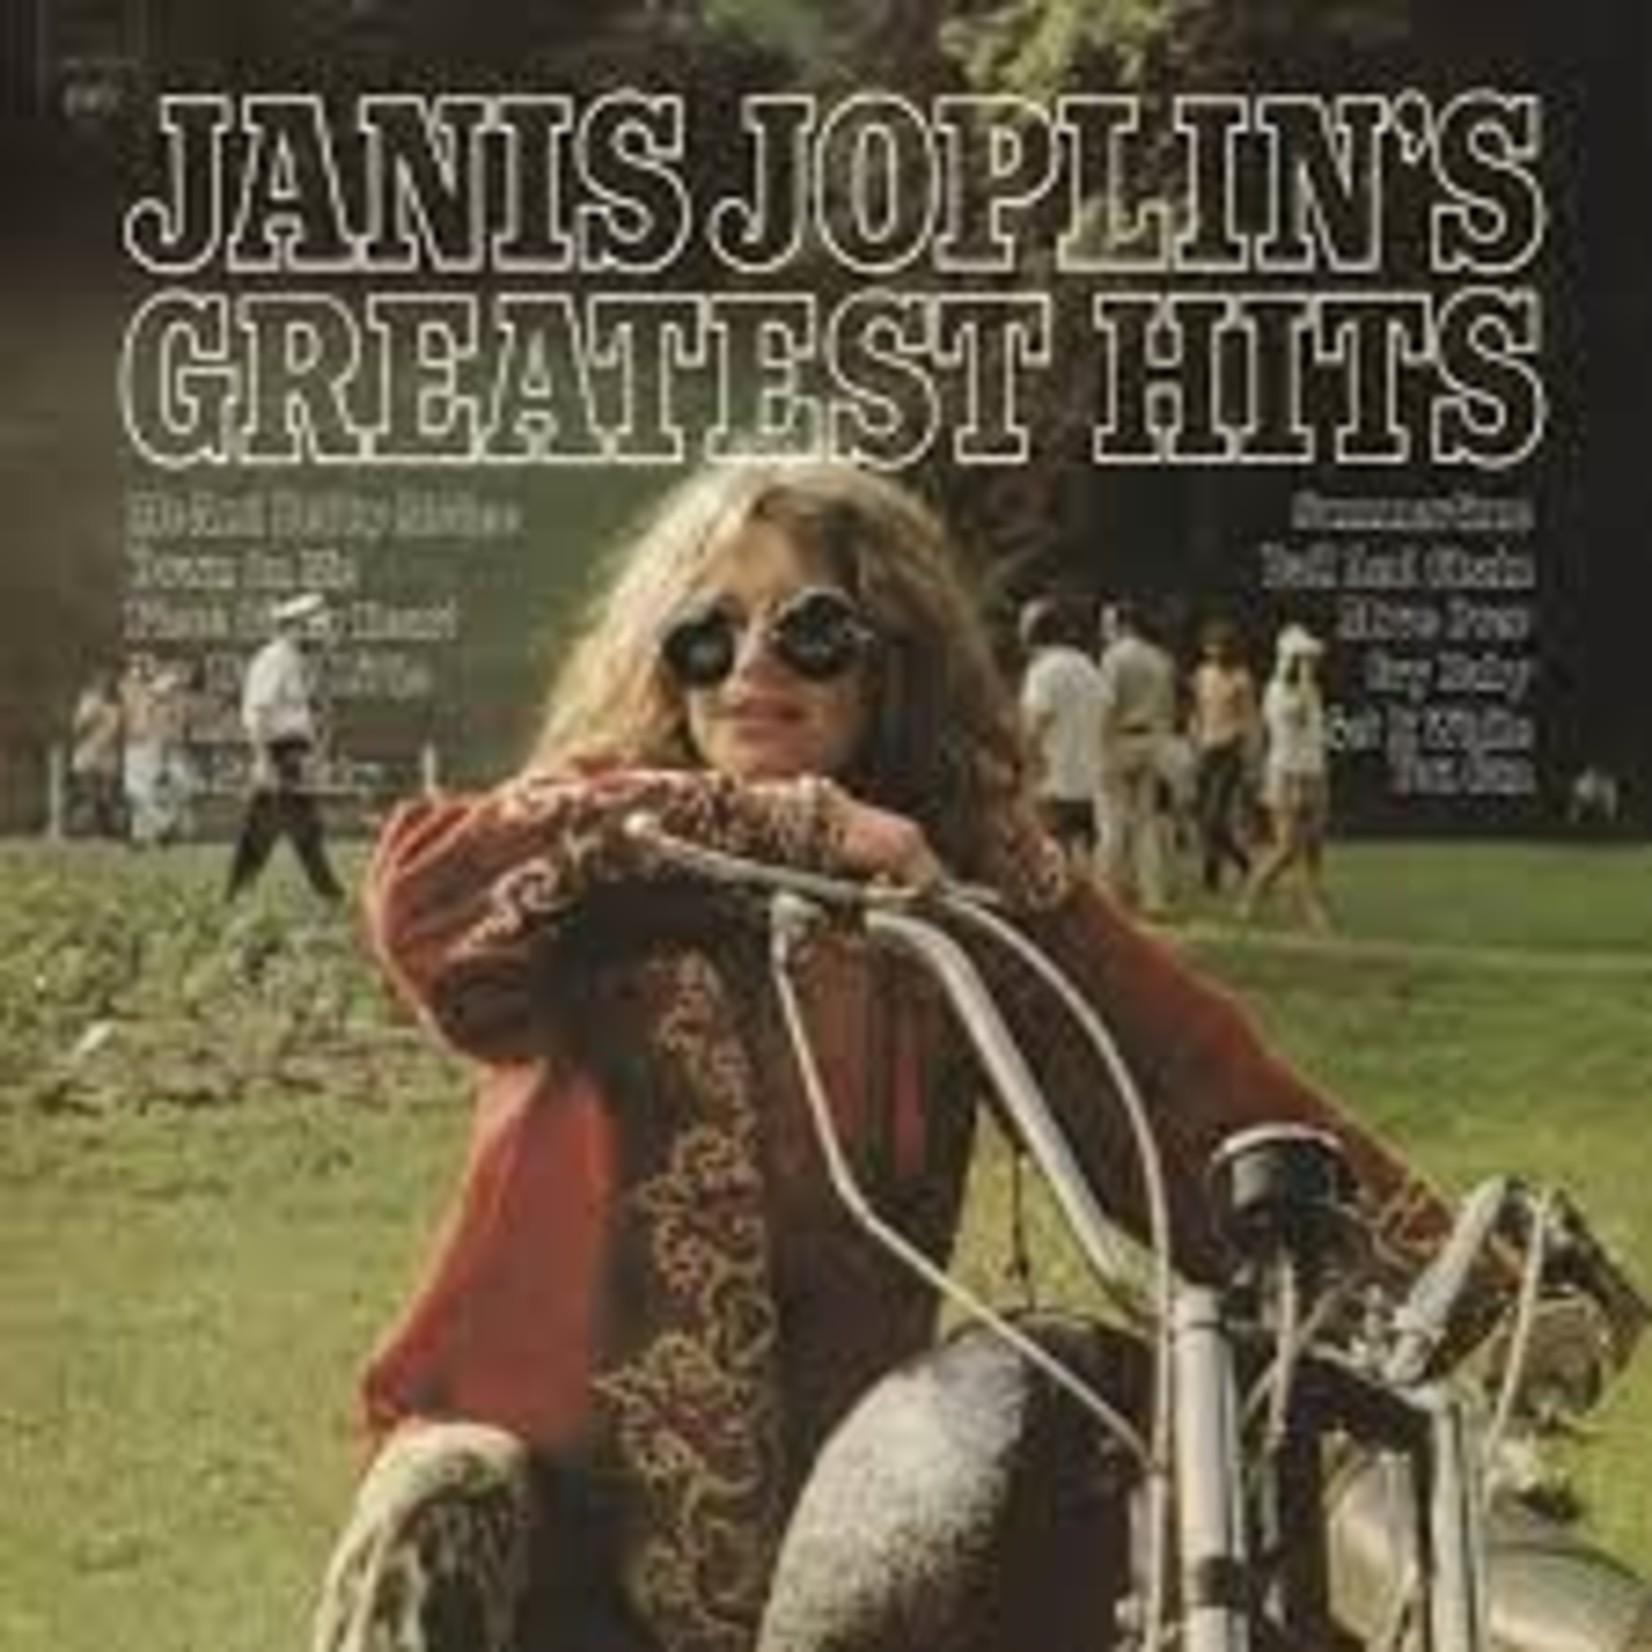 JANIS JOPLIN - JANIS JOPLIN'S GREATEST HITS LP 2018 (VINYL)